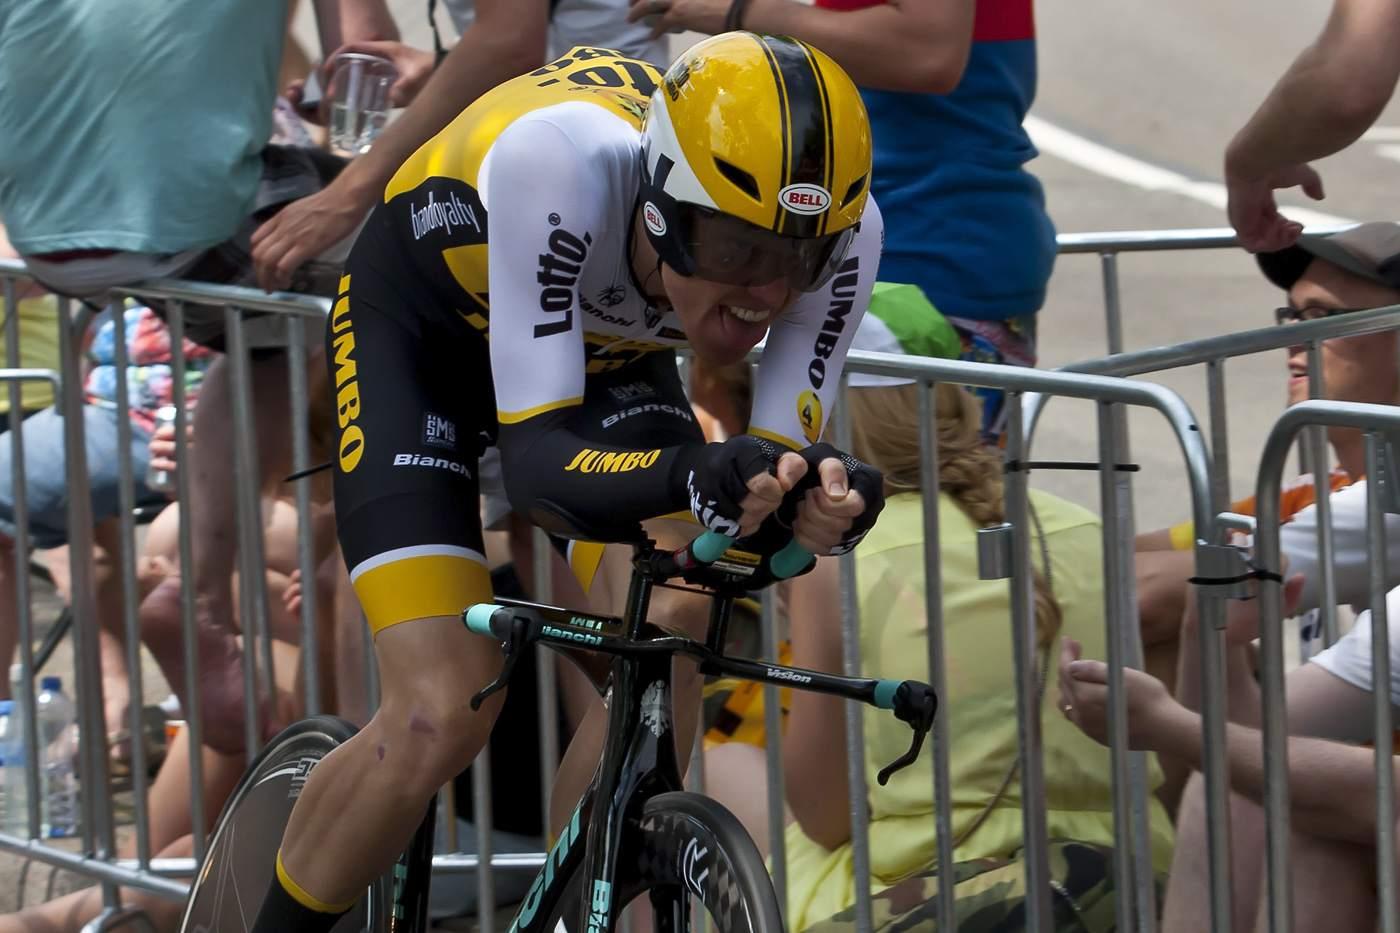 tour france 2015 pictures8 Tour de France 2015 in Pictures